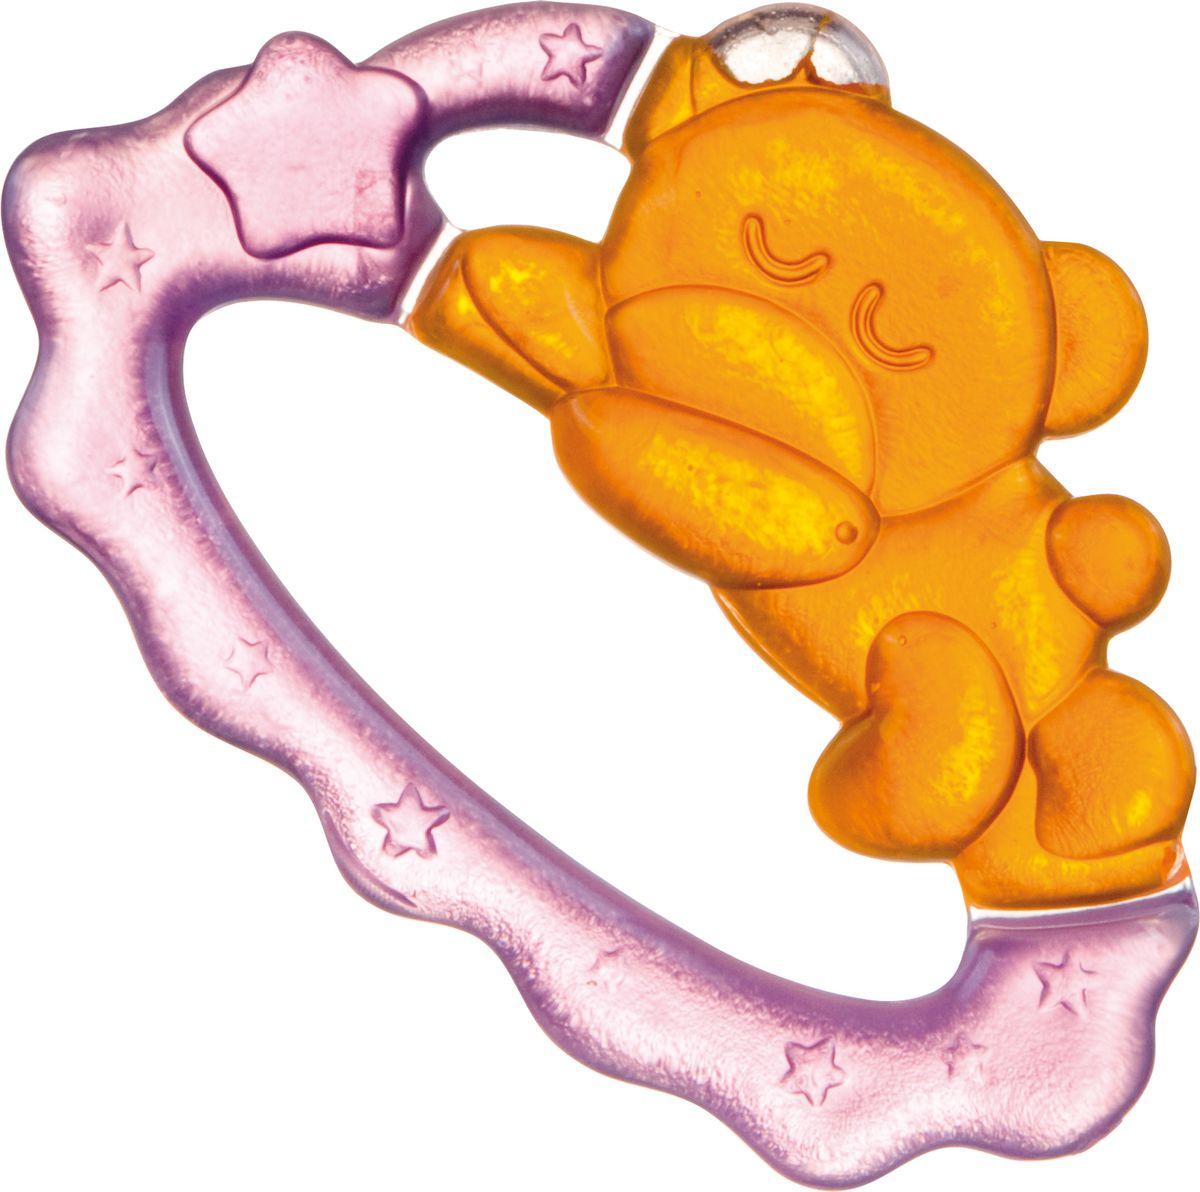 Canpol Babies Прорезыватель охлаждающий Спящий медвежонок цвет желтый прорезыватели canpol охлаждающий спящий медвежонок 2 242